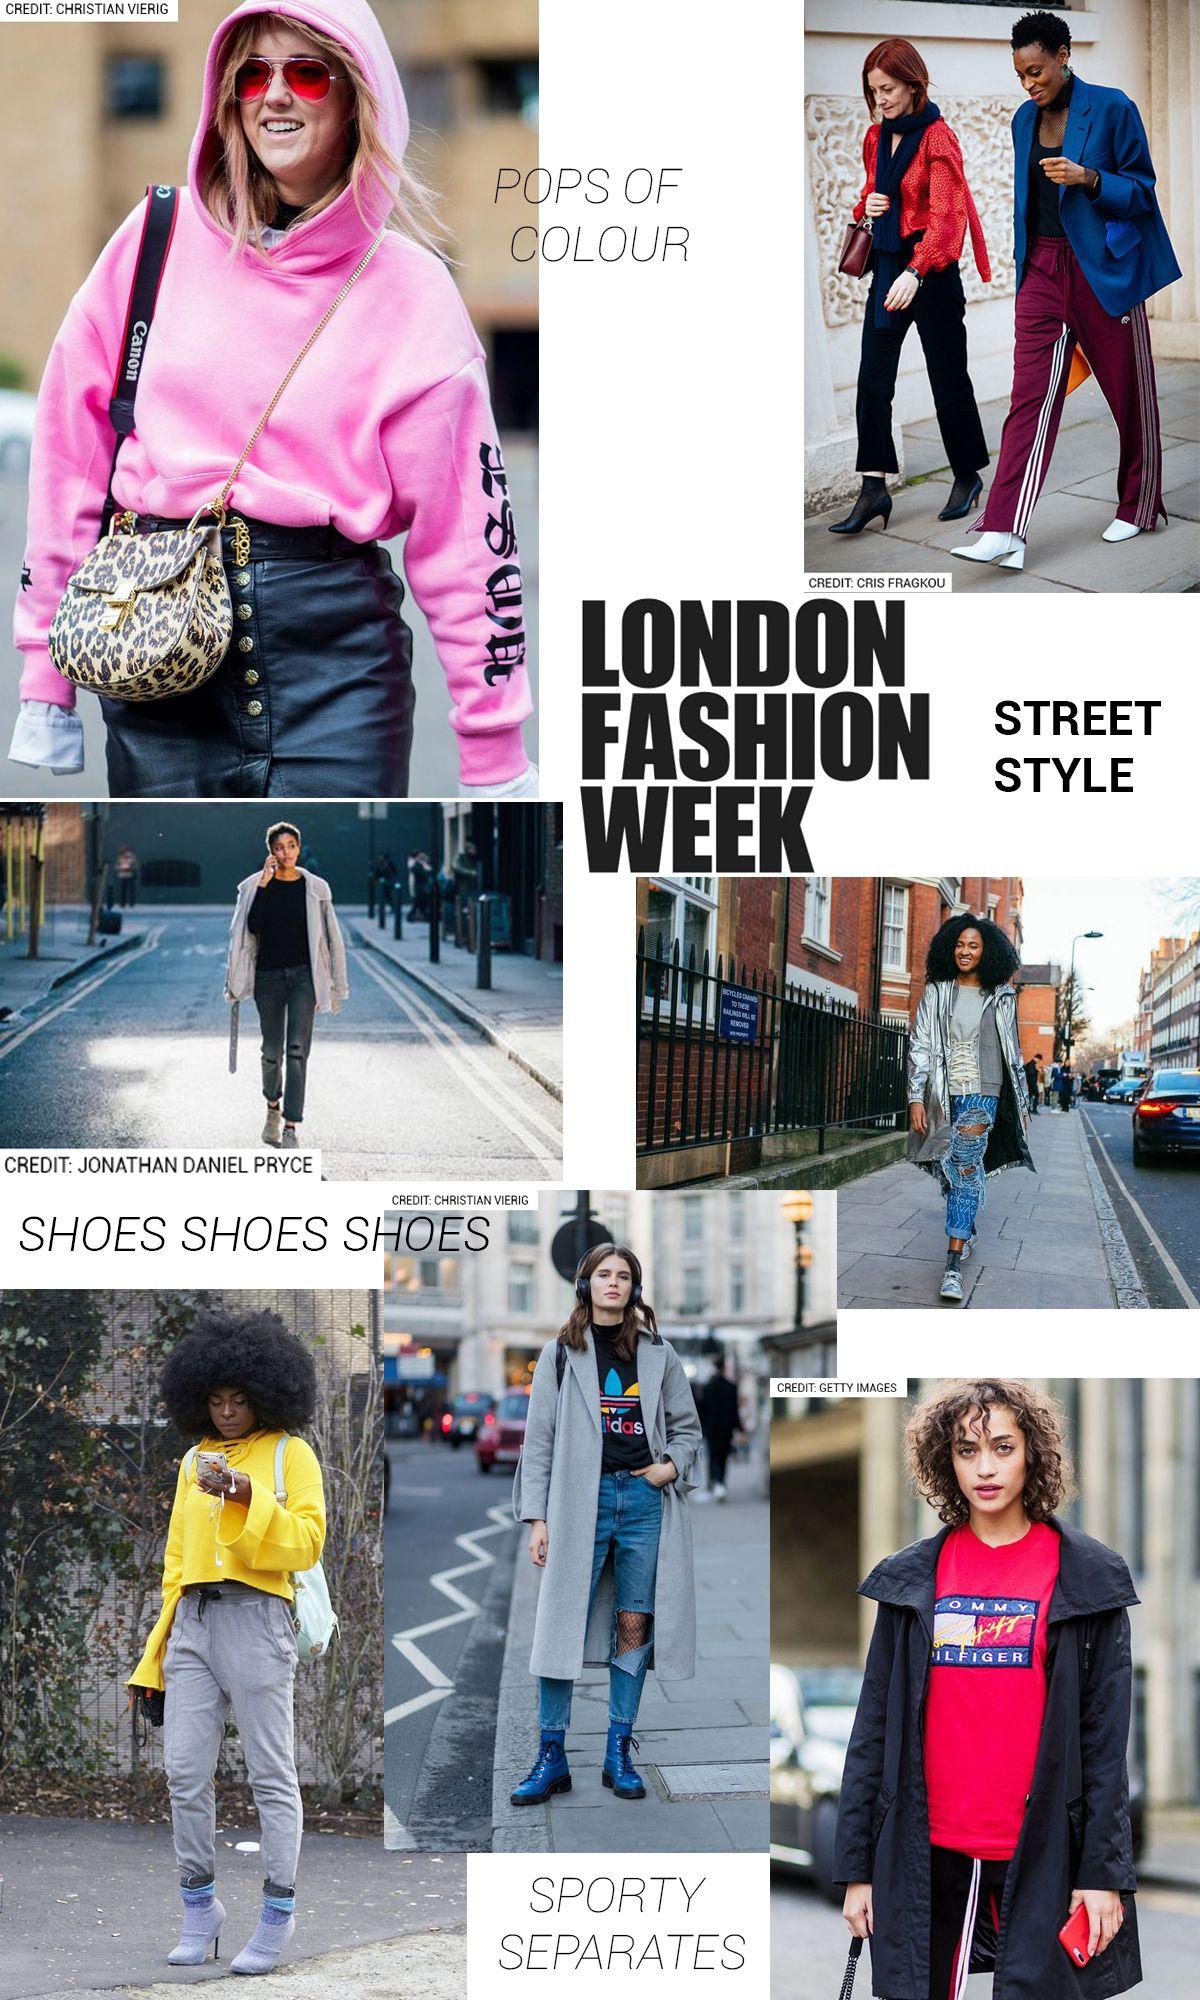 London Fashion Week // Flybery's Best Street Style Looks